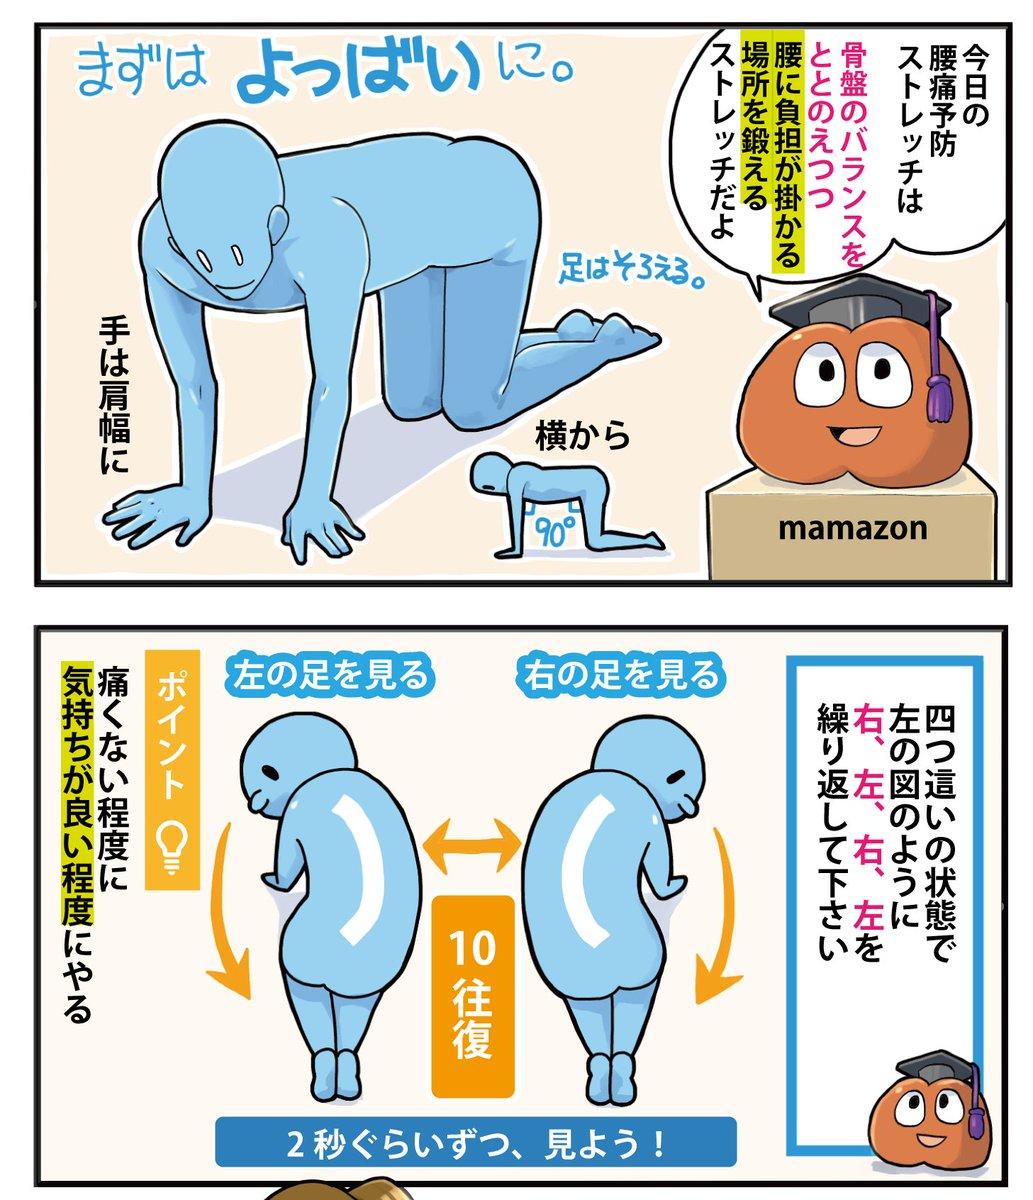 【腰痛予防ストレッチ】 このストレッチをするようになってから「ぎっくり腰」にならなくなった、とのお声…